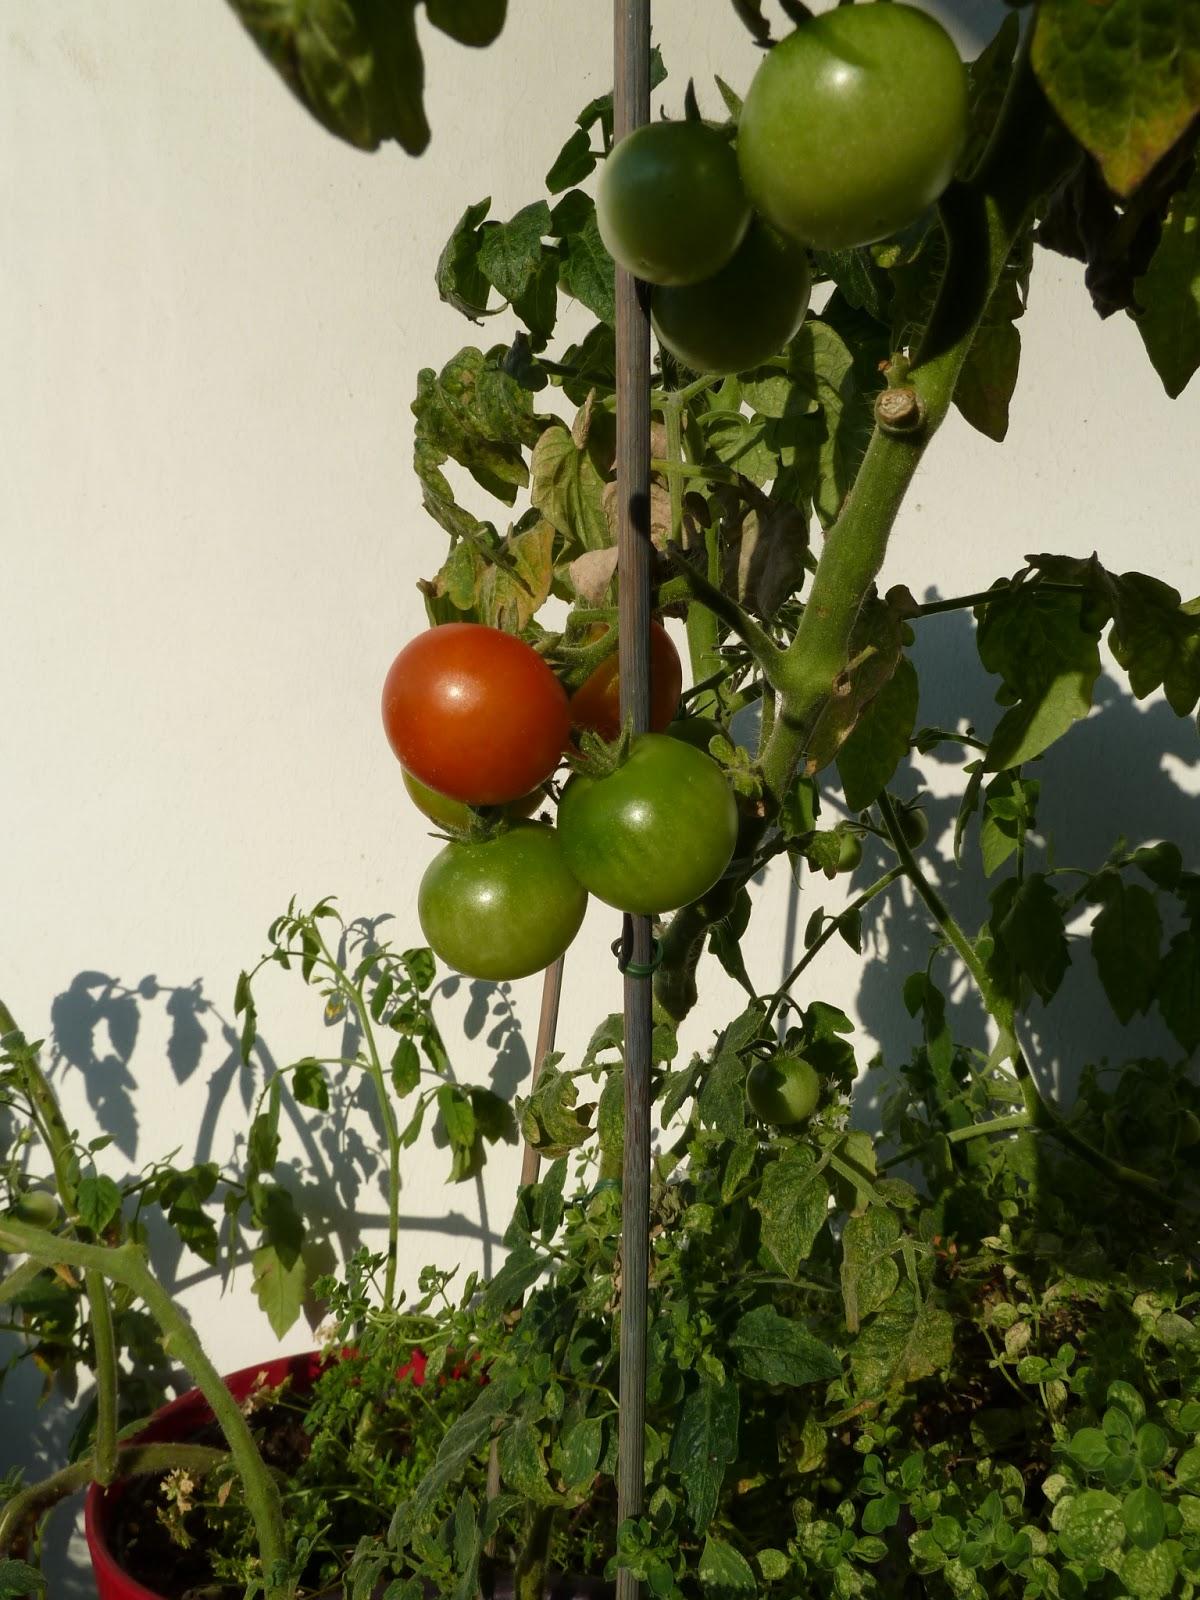 gem se naschen die ersten tomaten kriegen farbe. Black Bedroom Furniture Sets. Home Design Ideas